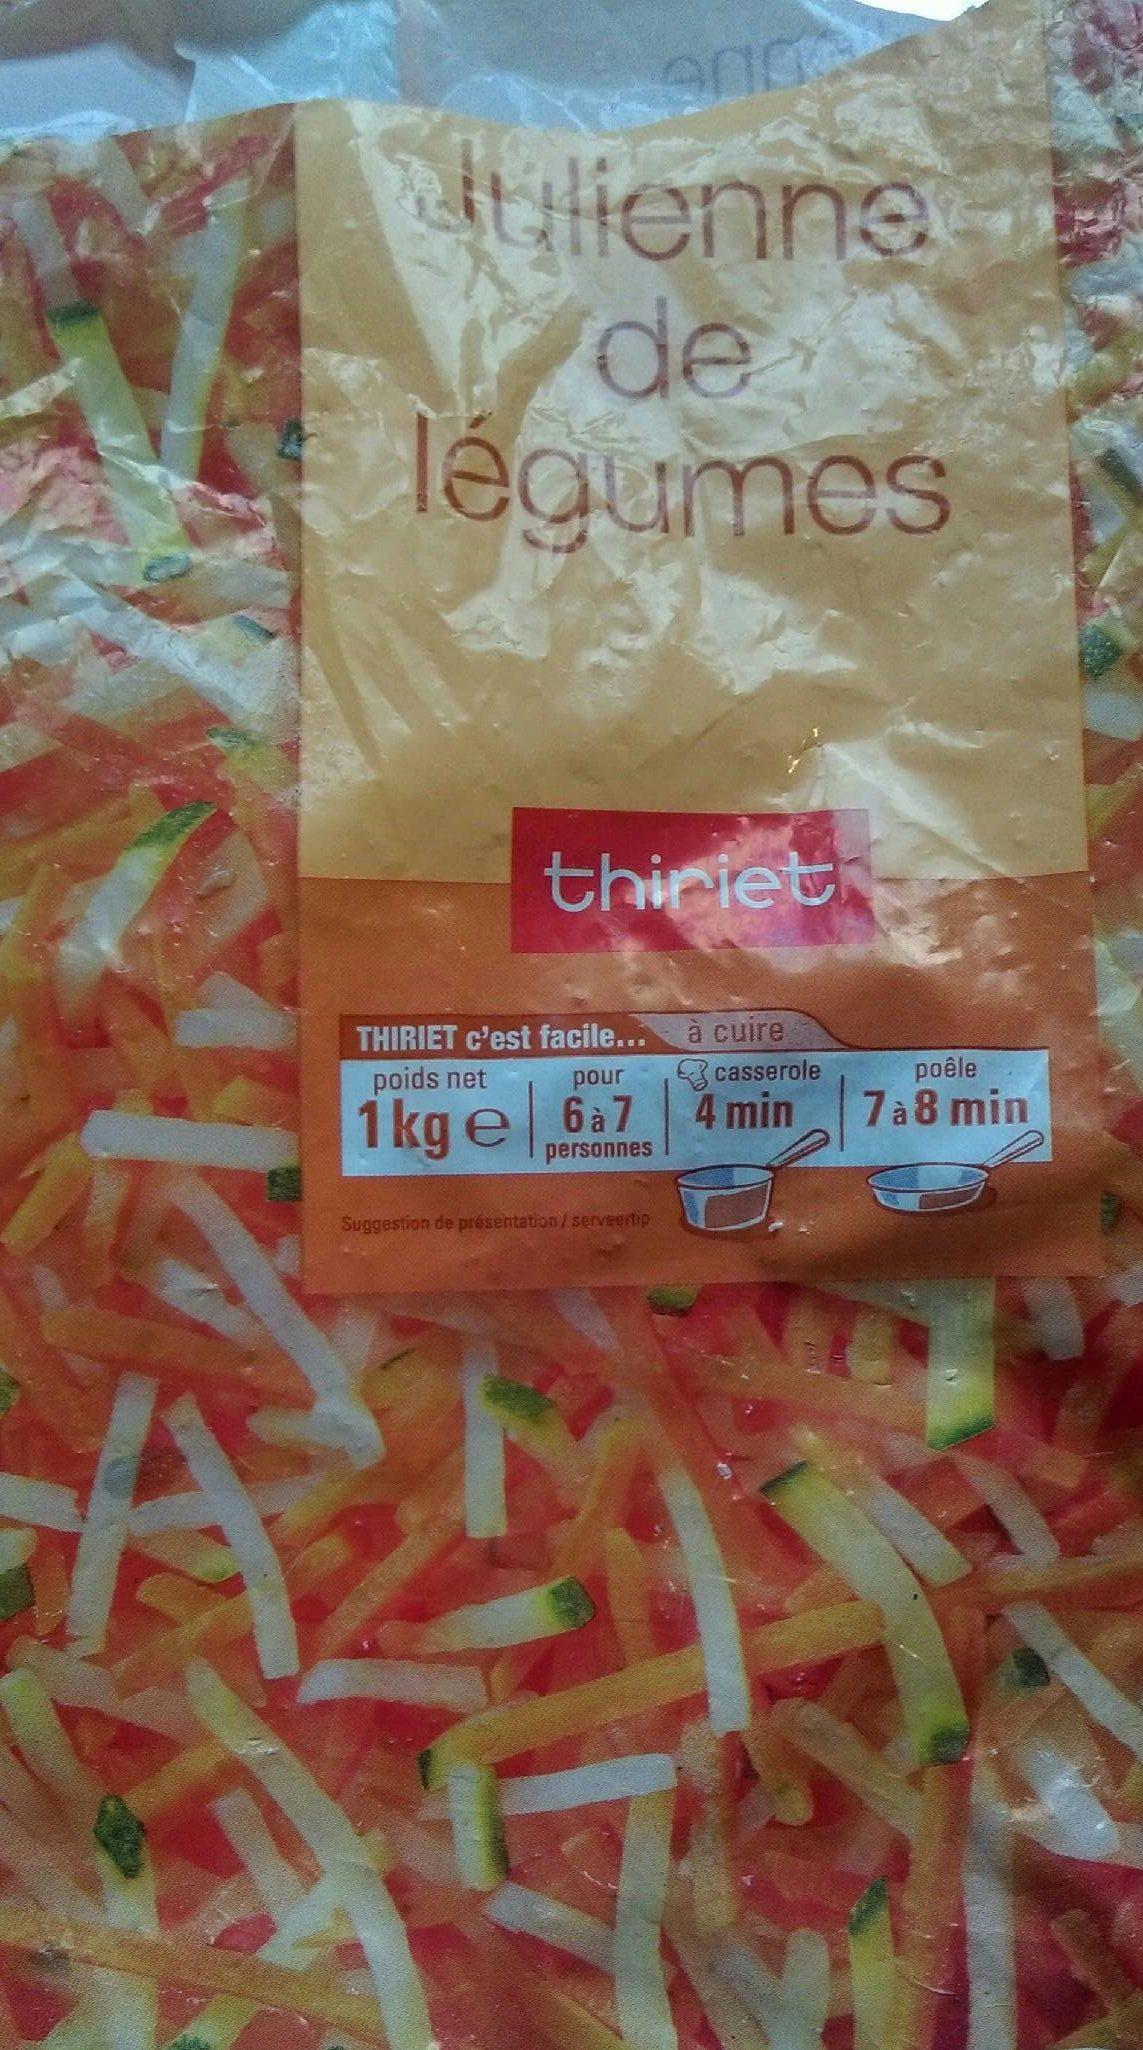 Julienne De Legumes Surgelés, 1Kg - Product - fr